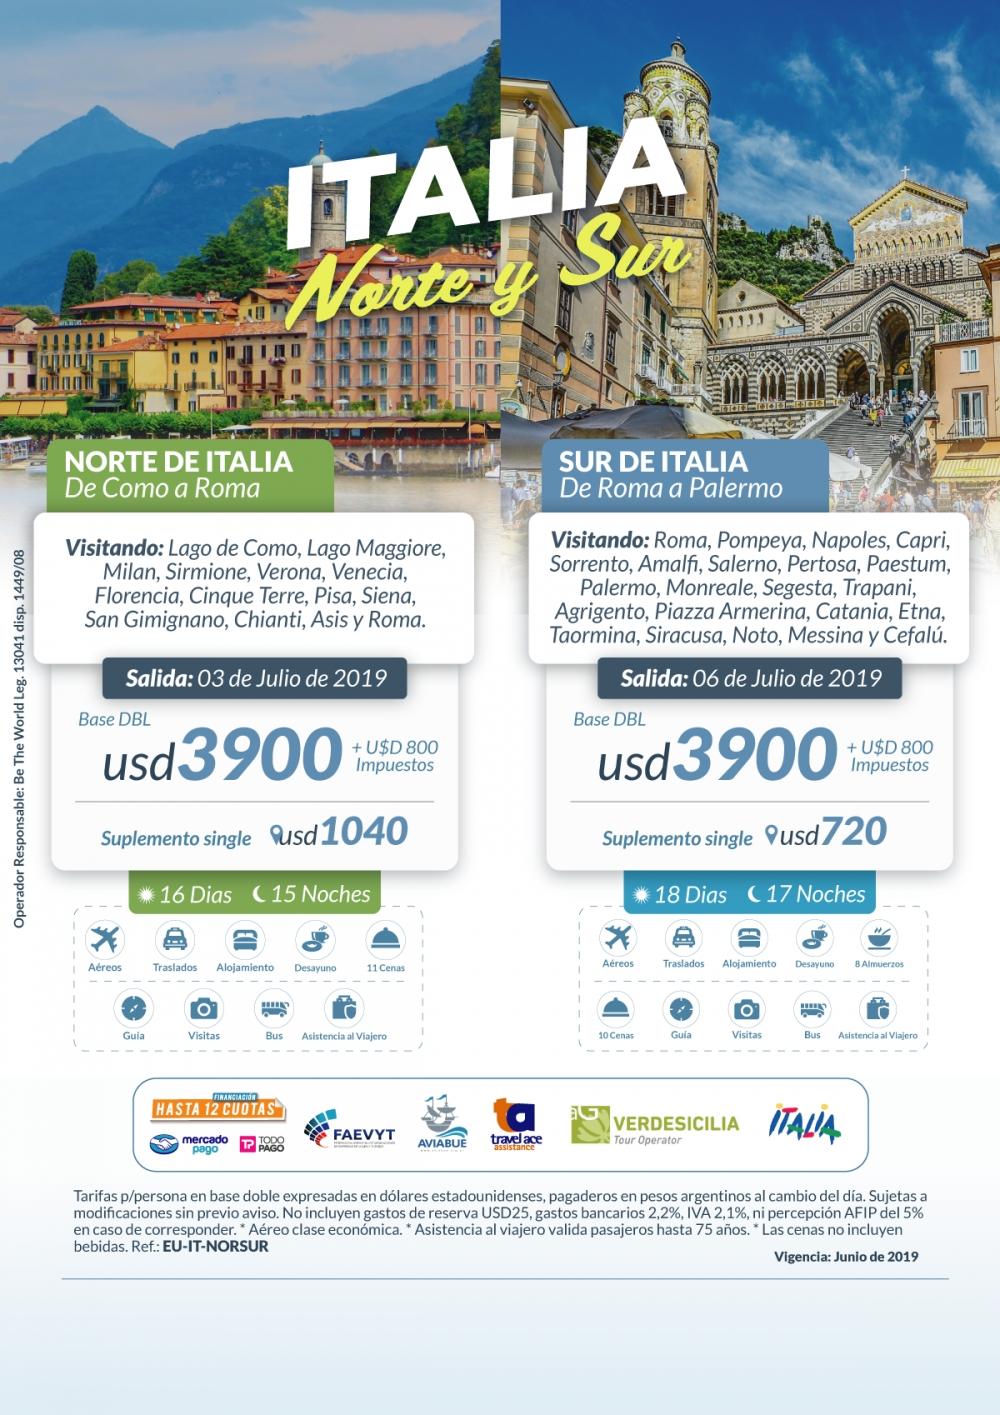 ITALIA - Norte y Sur